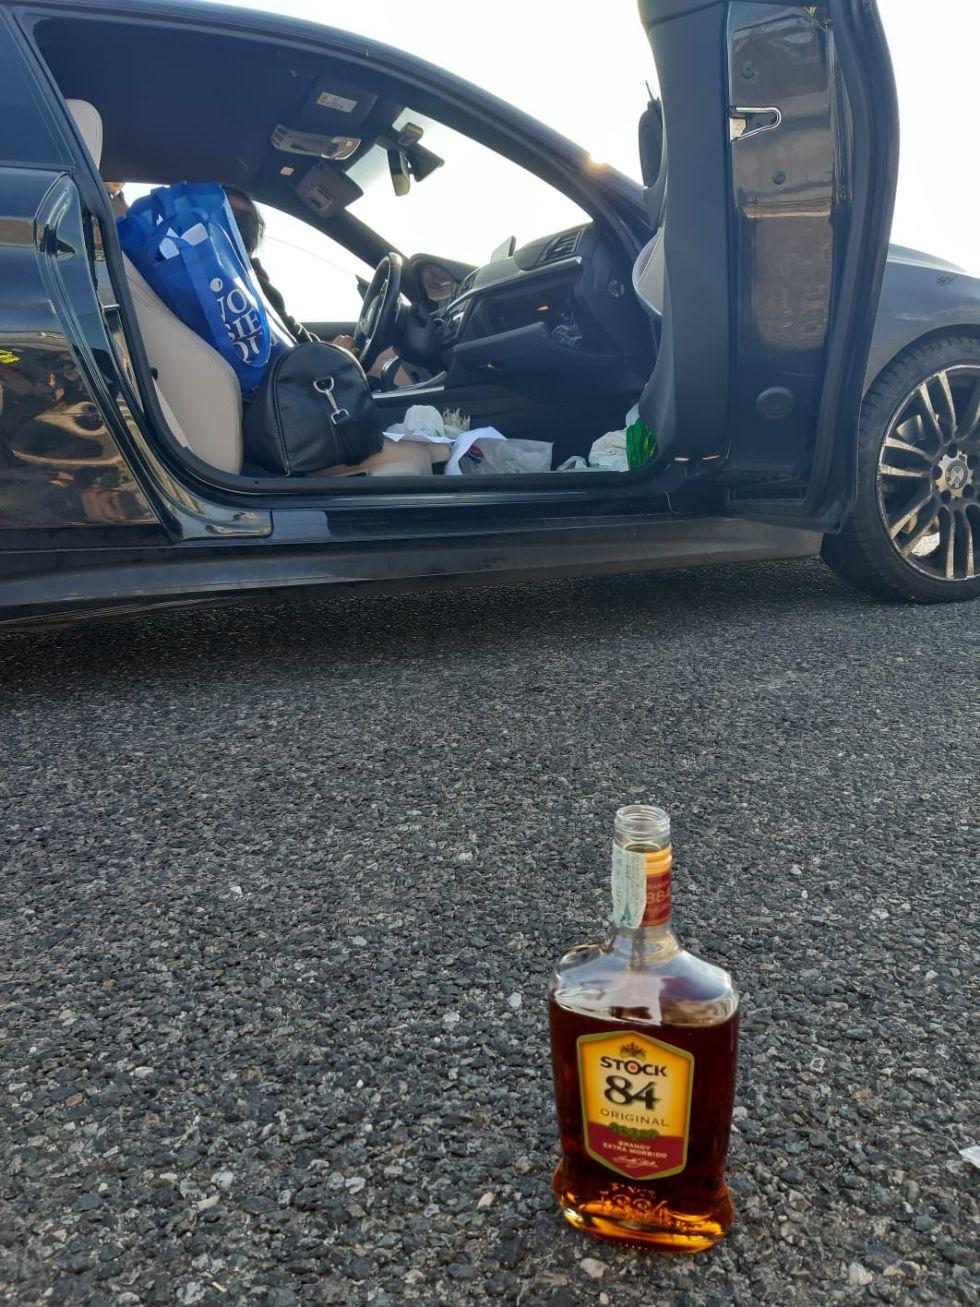 TROFARELLO - Al volante dell'auto bevendo brandy: ubriaco in tangenziale denunciato